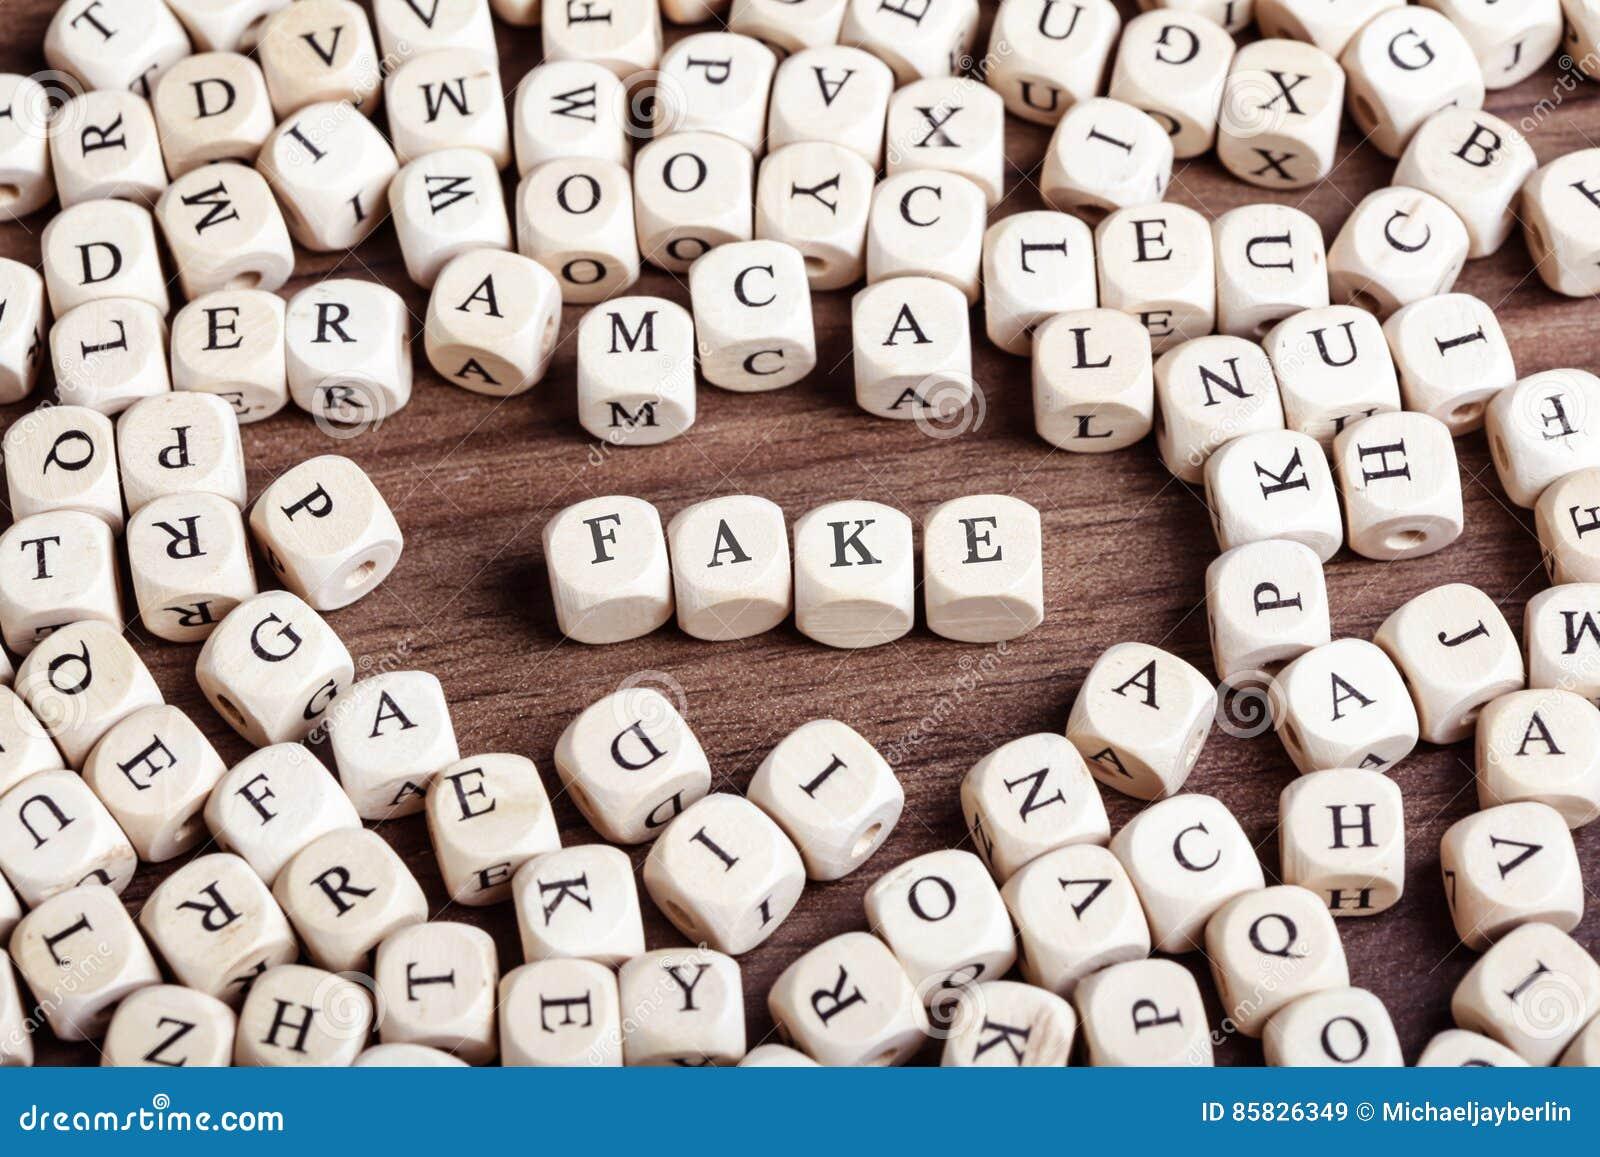 伪造品,信件把词切成小方块